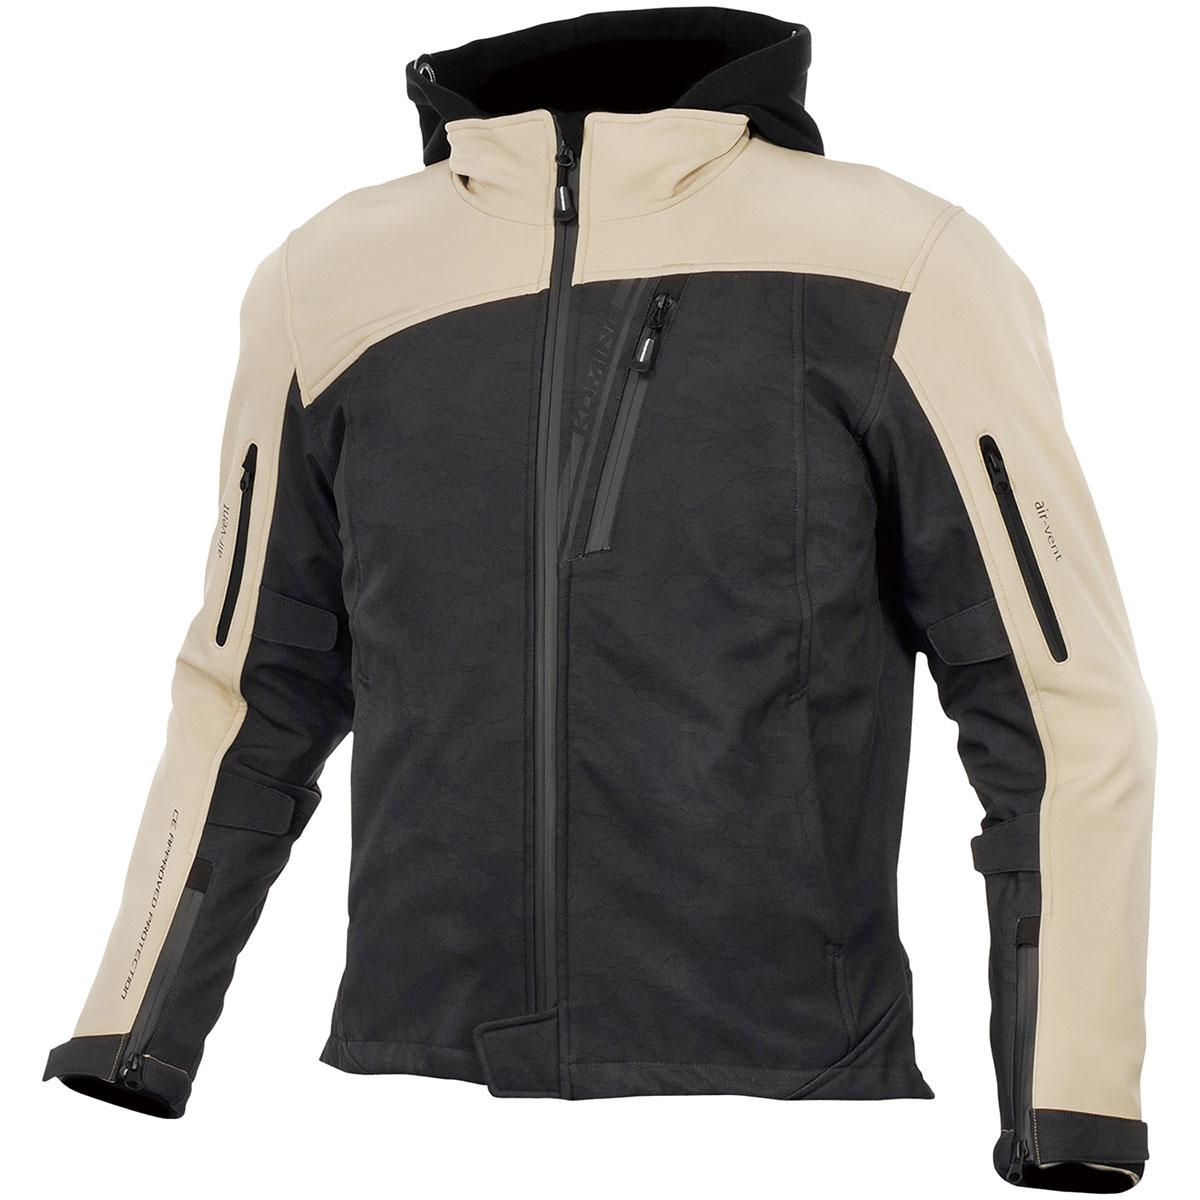 コミネ (Komine) バイク用 ジャケット Jacket JK-590 プロテクトソフトシェルウインターパーカ ブラックカモ/ベージュ Mサイズ 07-590/BK.CAMO-BE/M